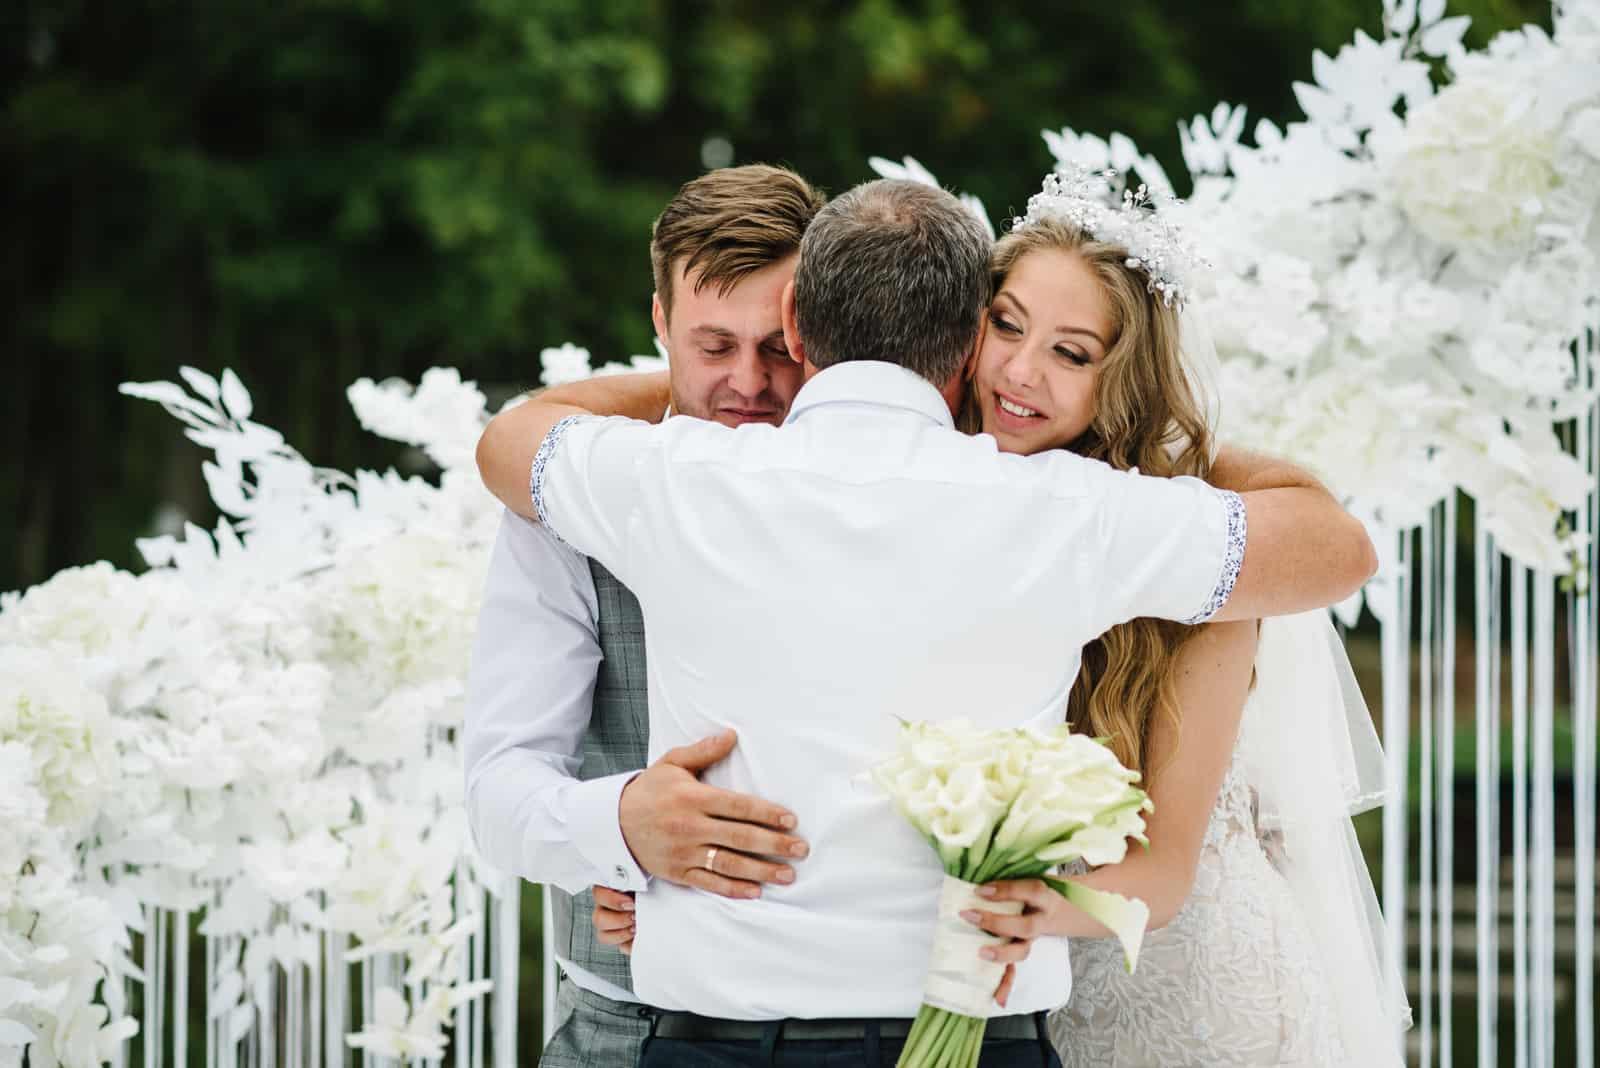 Vater gratuliert den Bräuten mit einer Ehe und Umarmungen